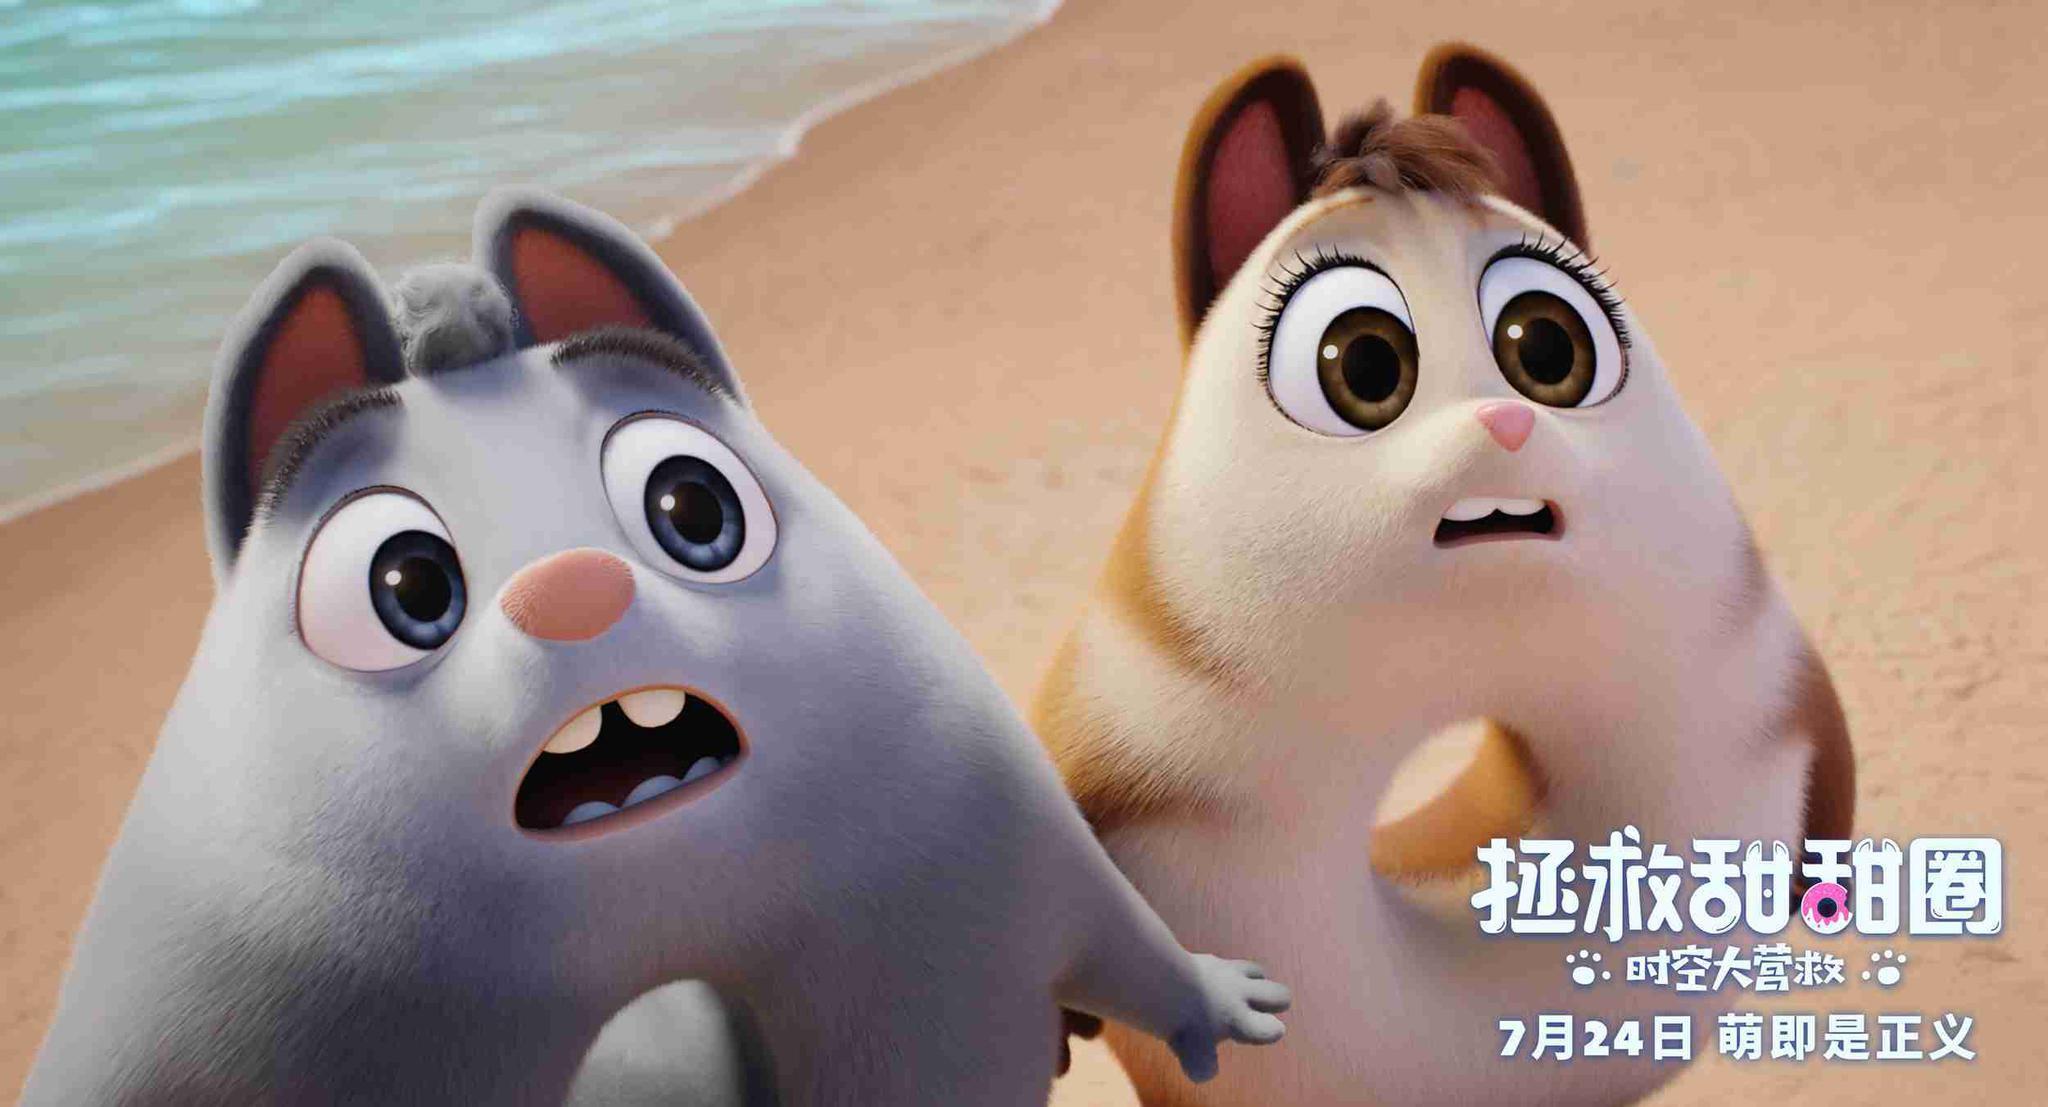 动画电影《拯救甜甜圈》定档7月24日上映